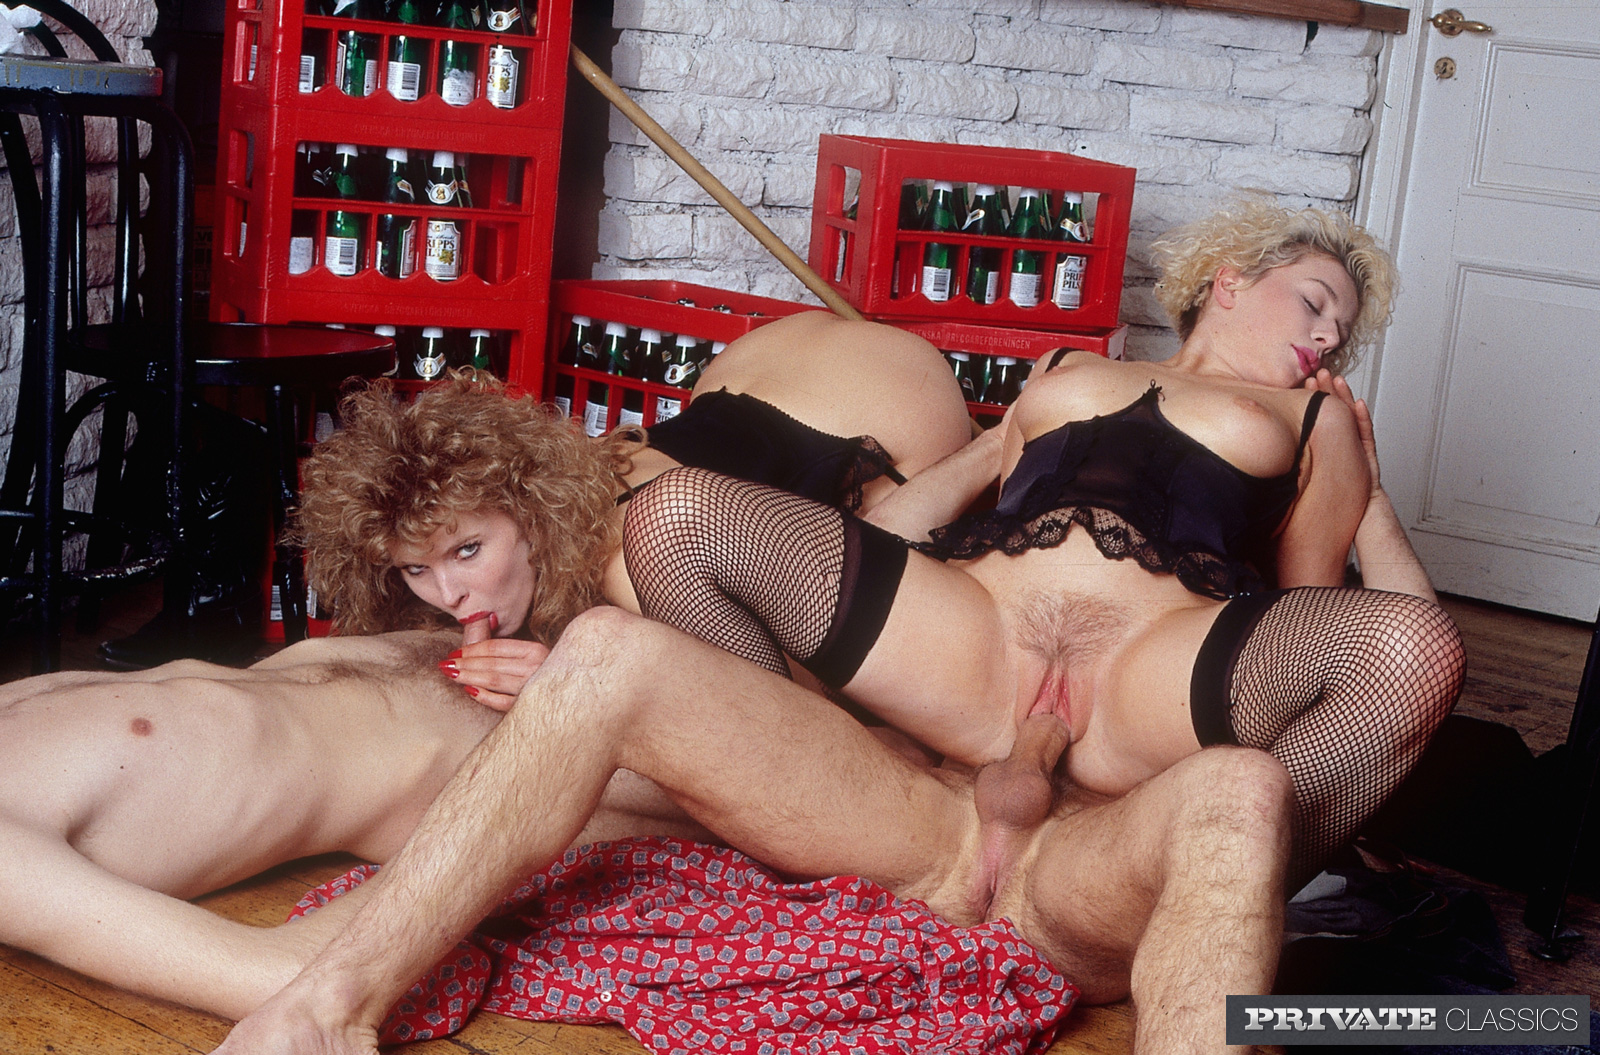 молодая страстная порно фильм зрелые дамы в действии долго потом лежали